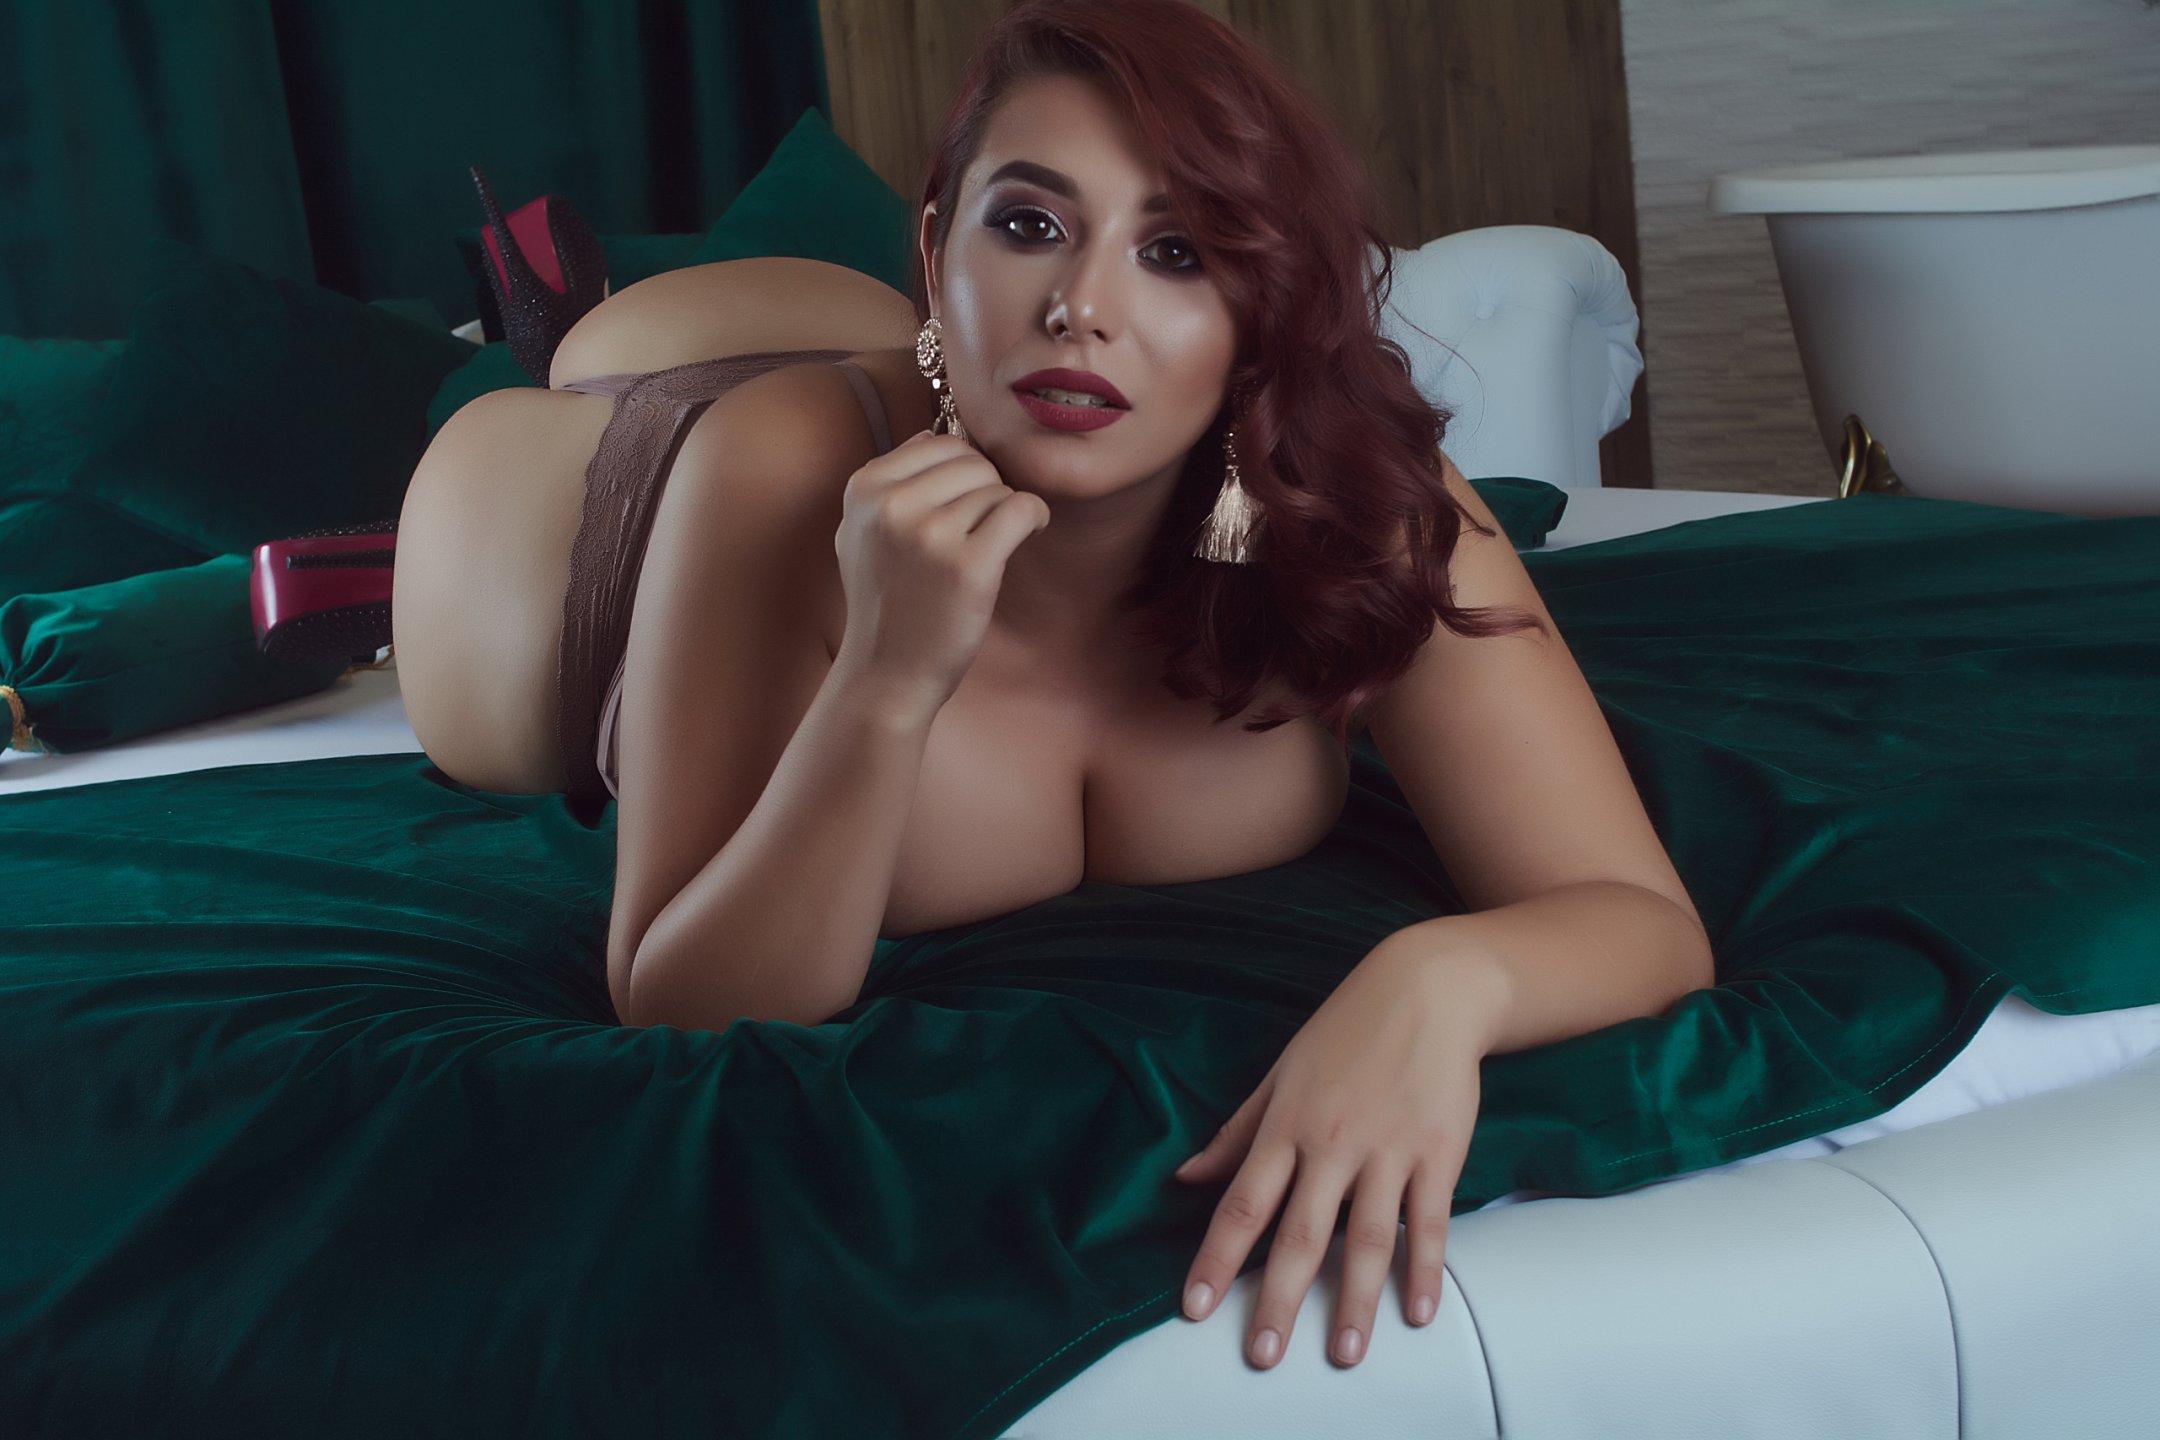 Bustyeveline bustyeveline - mladé ženy - 19 let